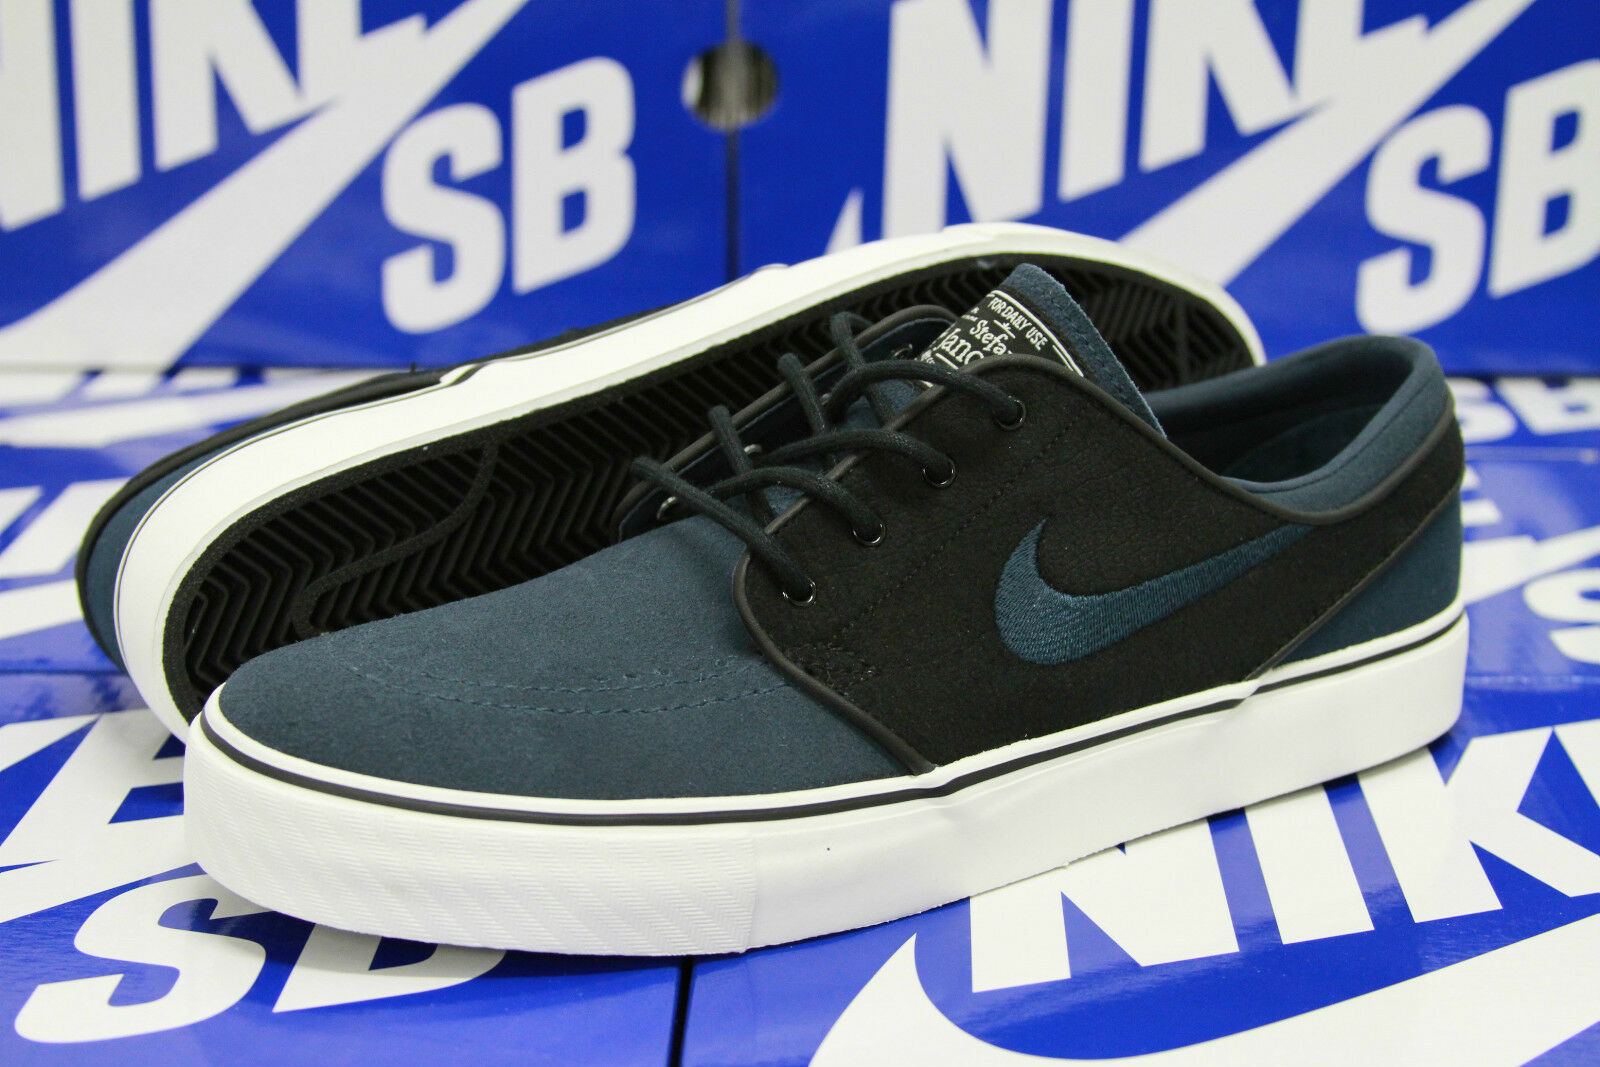 Nike Zoom Stefan Janoski Size 6 BLACK DEEP OCEAN SWAN 333824 041